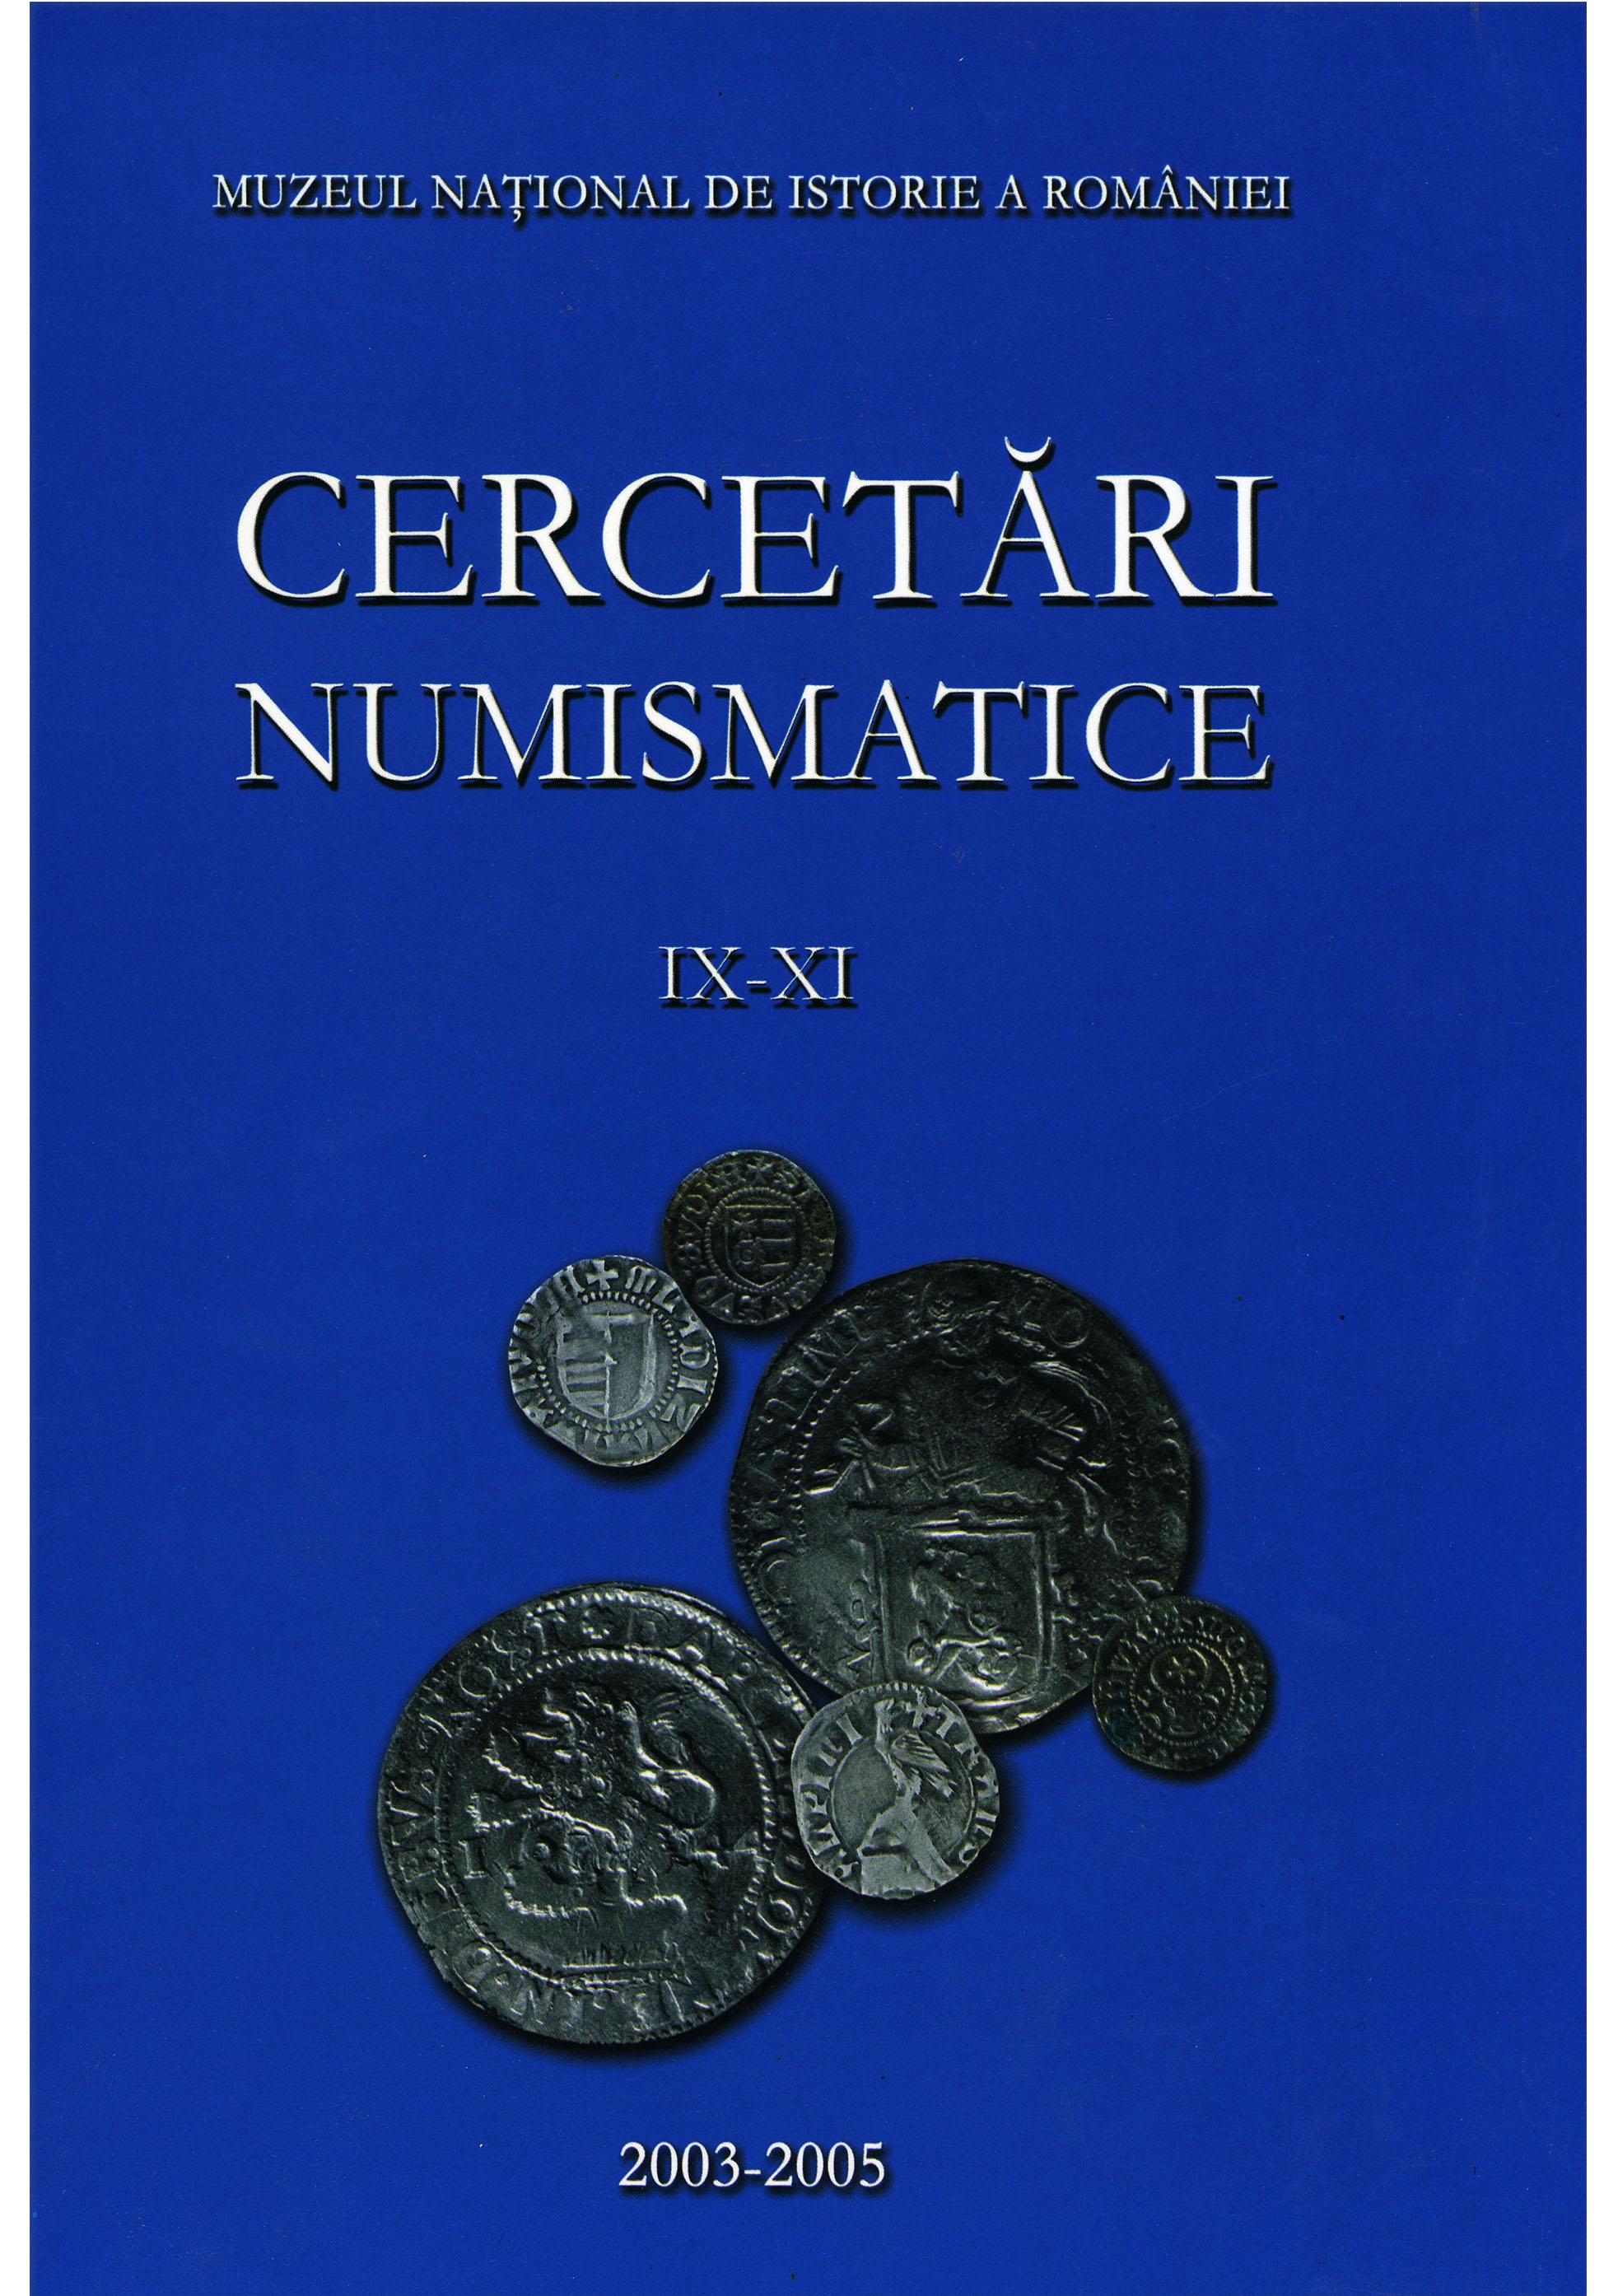 mnir_COP__0070_2003-2005_Cercetari-numismatice-IX-XI_627pag